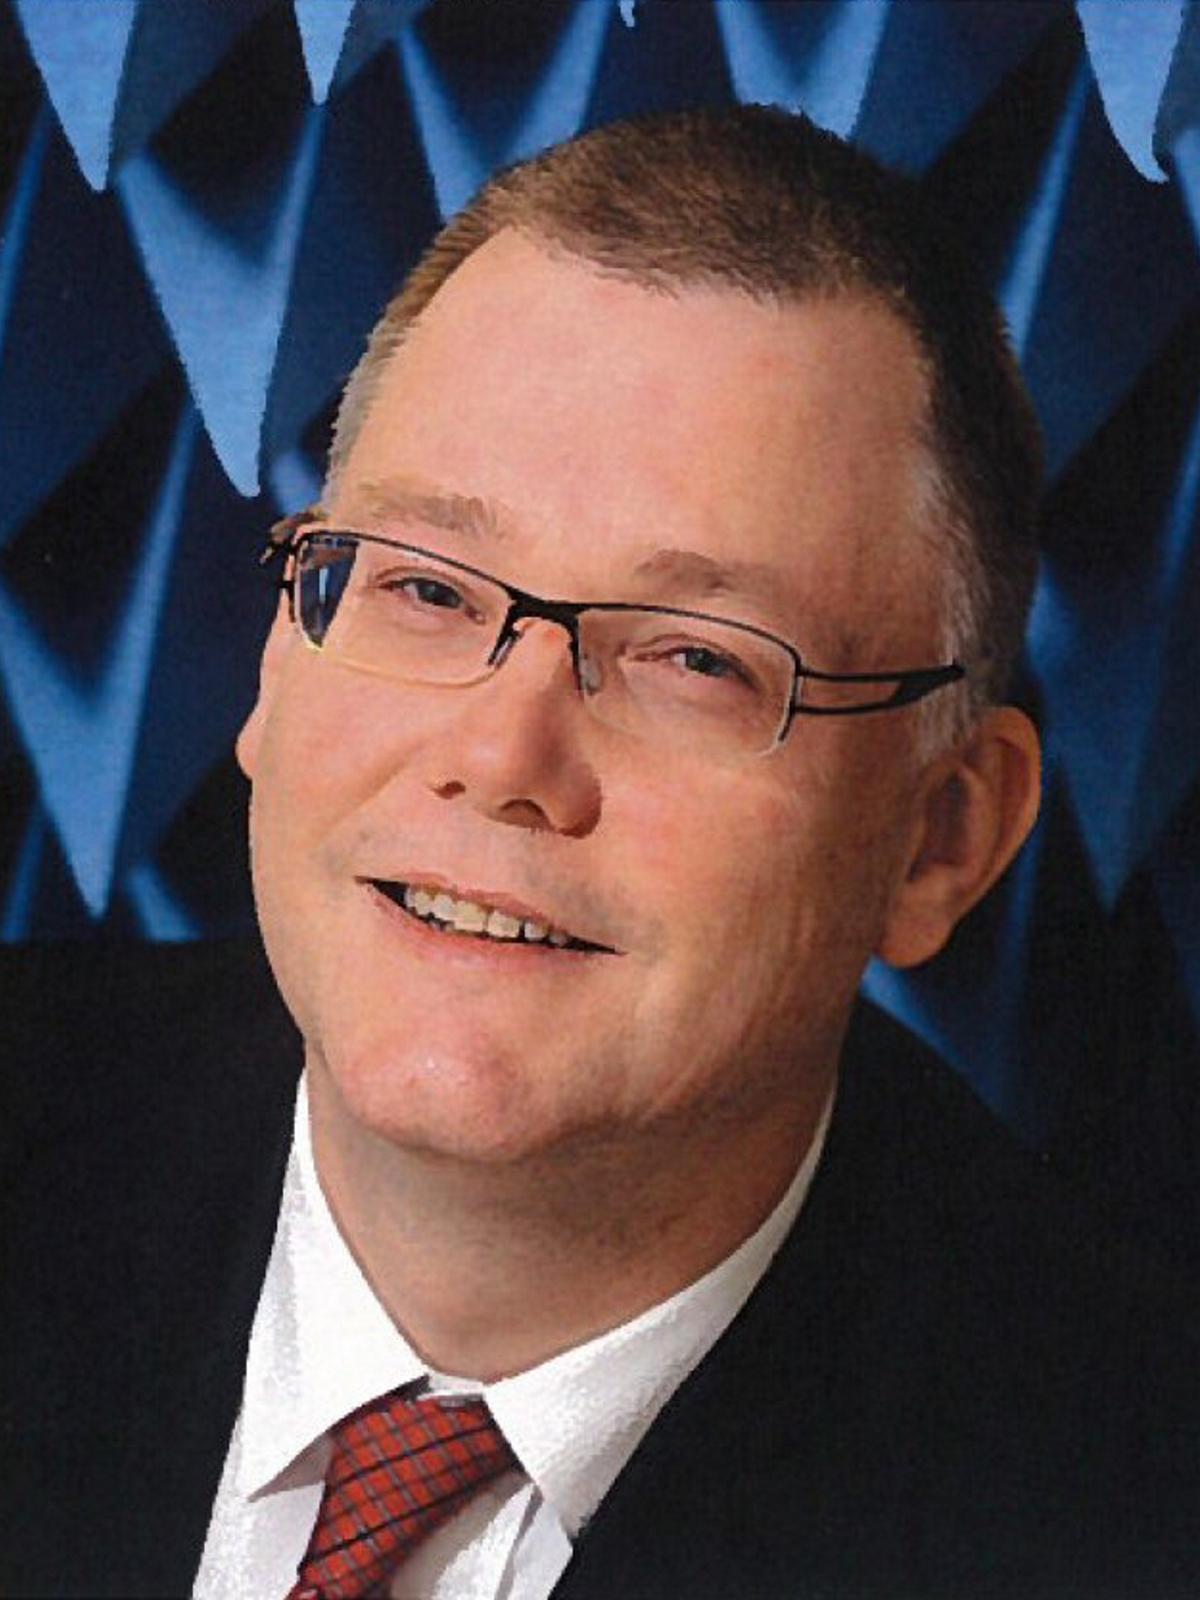 Professor Frank Leferink